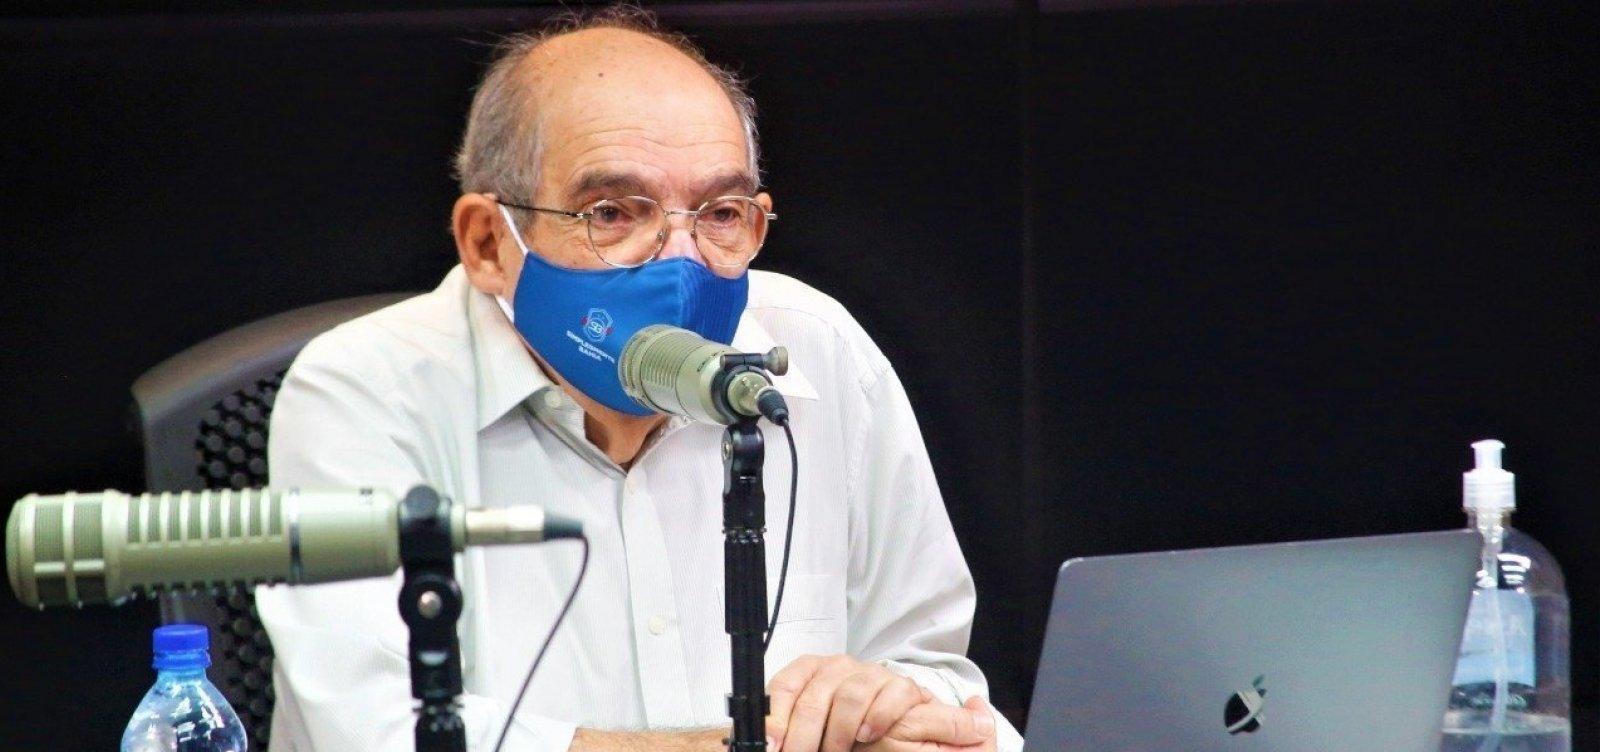 STF 'deu o recado' com aprovação unânime da prisão de Daniel Silveira, diz MK; ouça